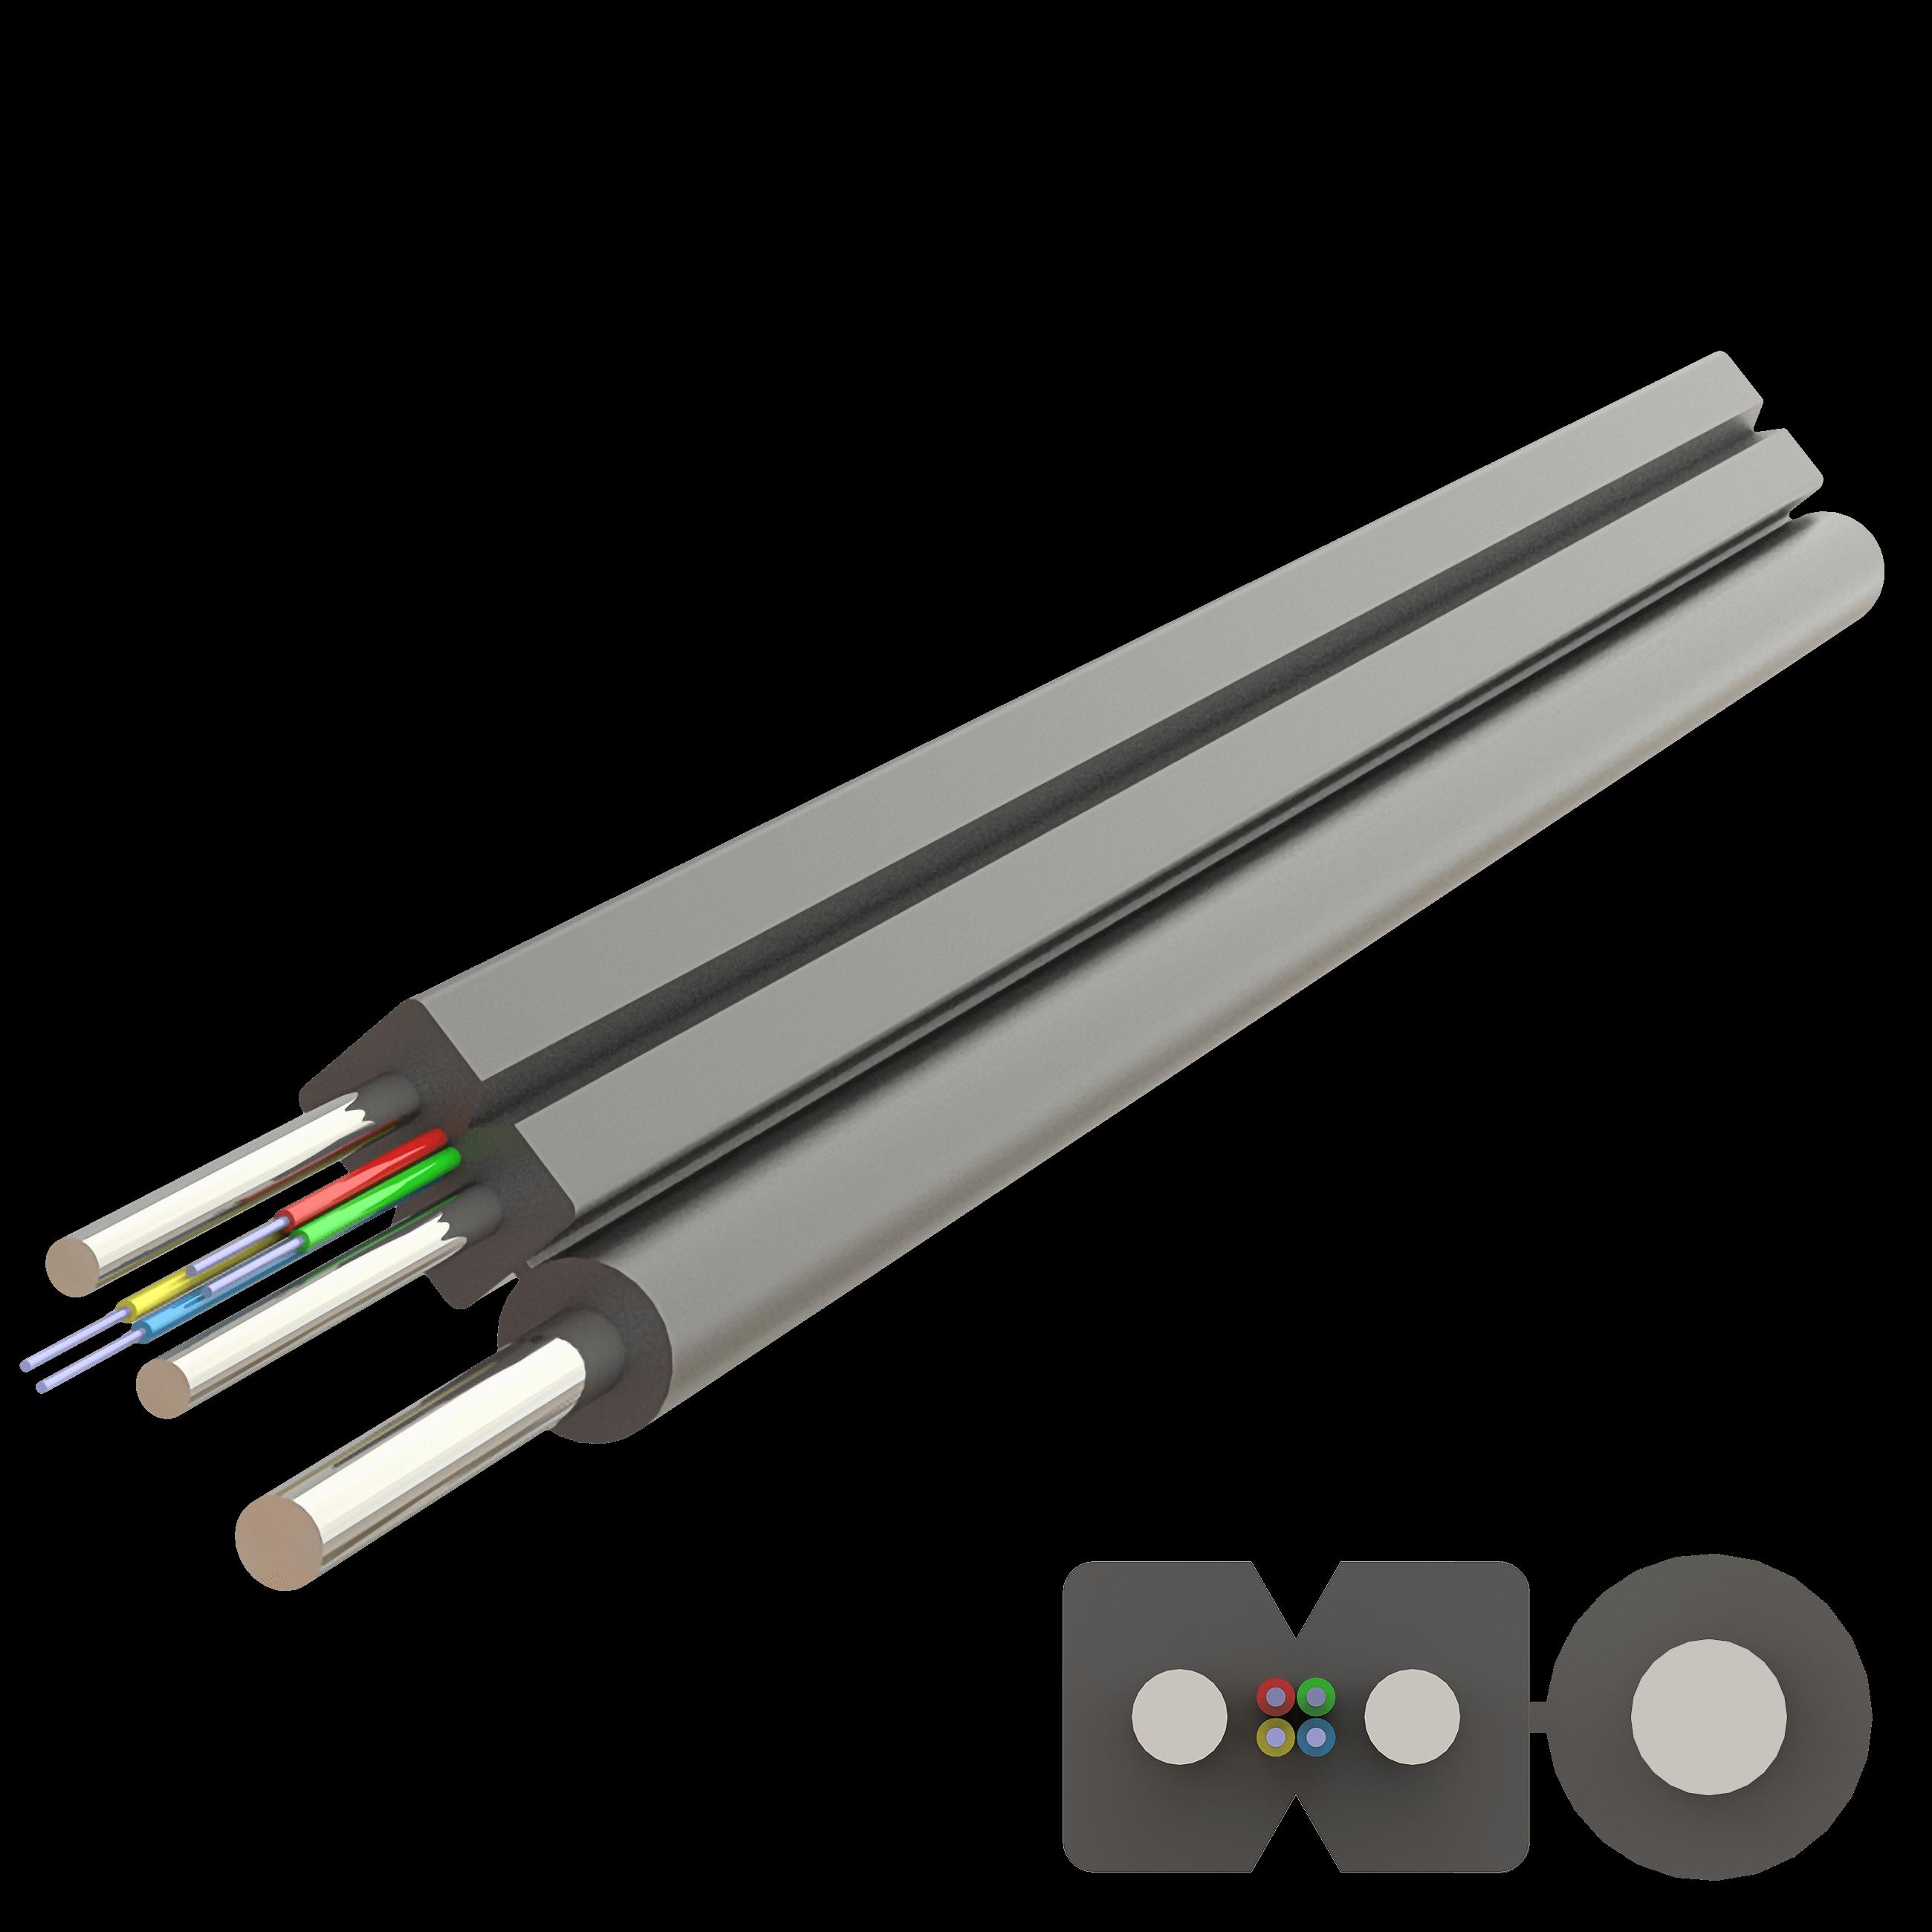 Samm Teknoloji - Flat Askı Telli Drop Çelik Kablo 2.0x5.2mm | A-N(ZM)H-SH | Up to 4F | 1000 metre